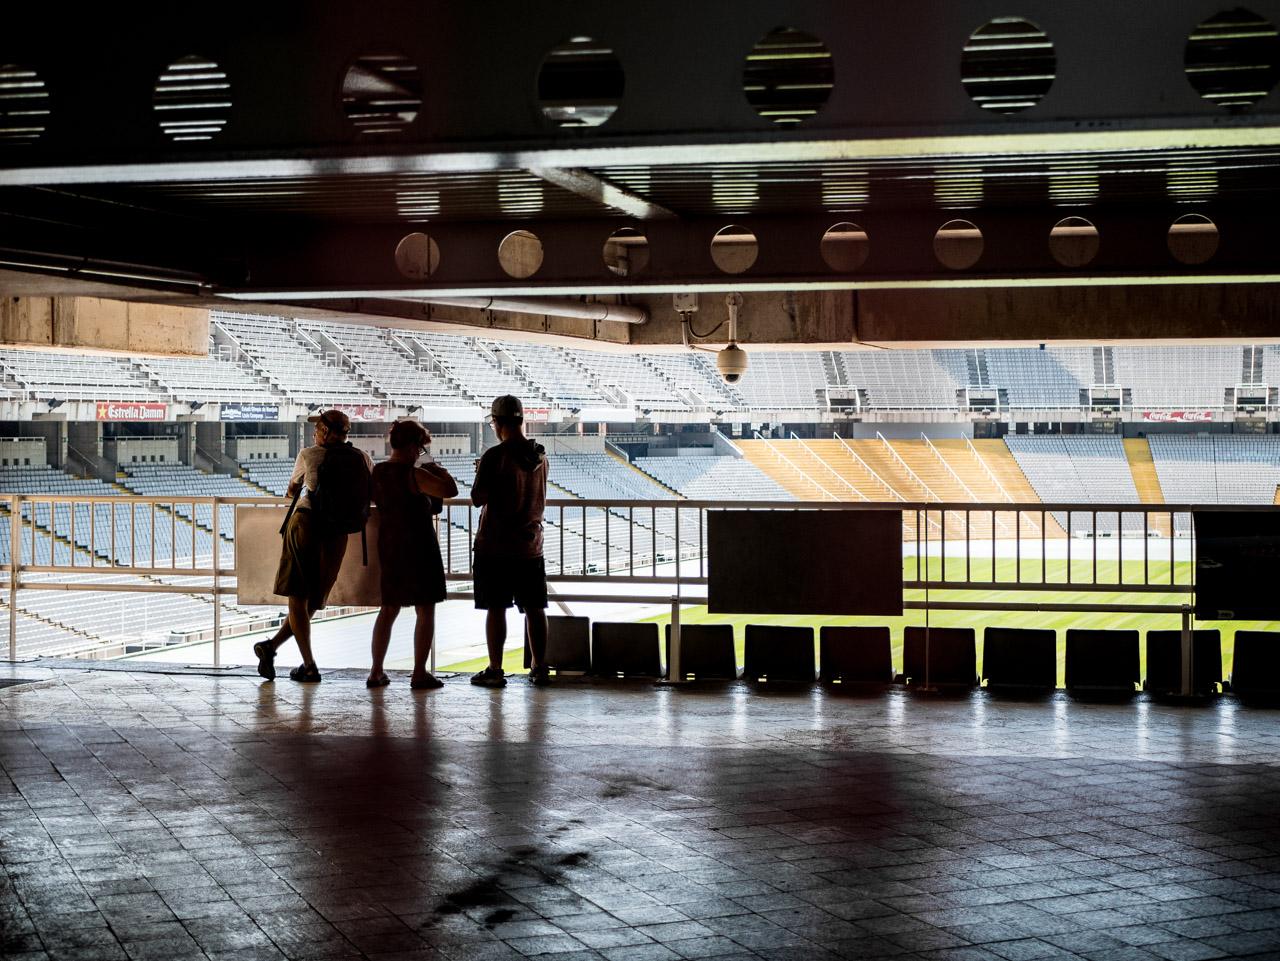 Visiter l'anneau olympique de 1992 à Barcelone